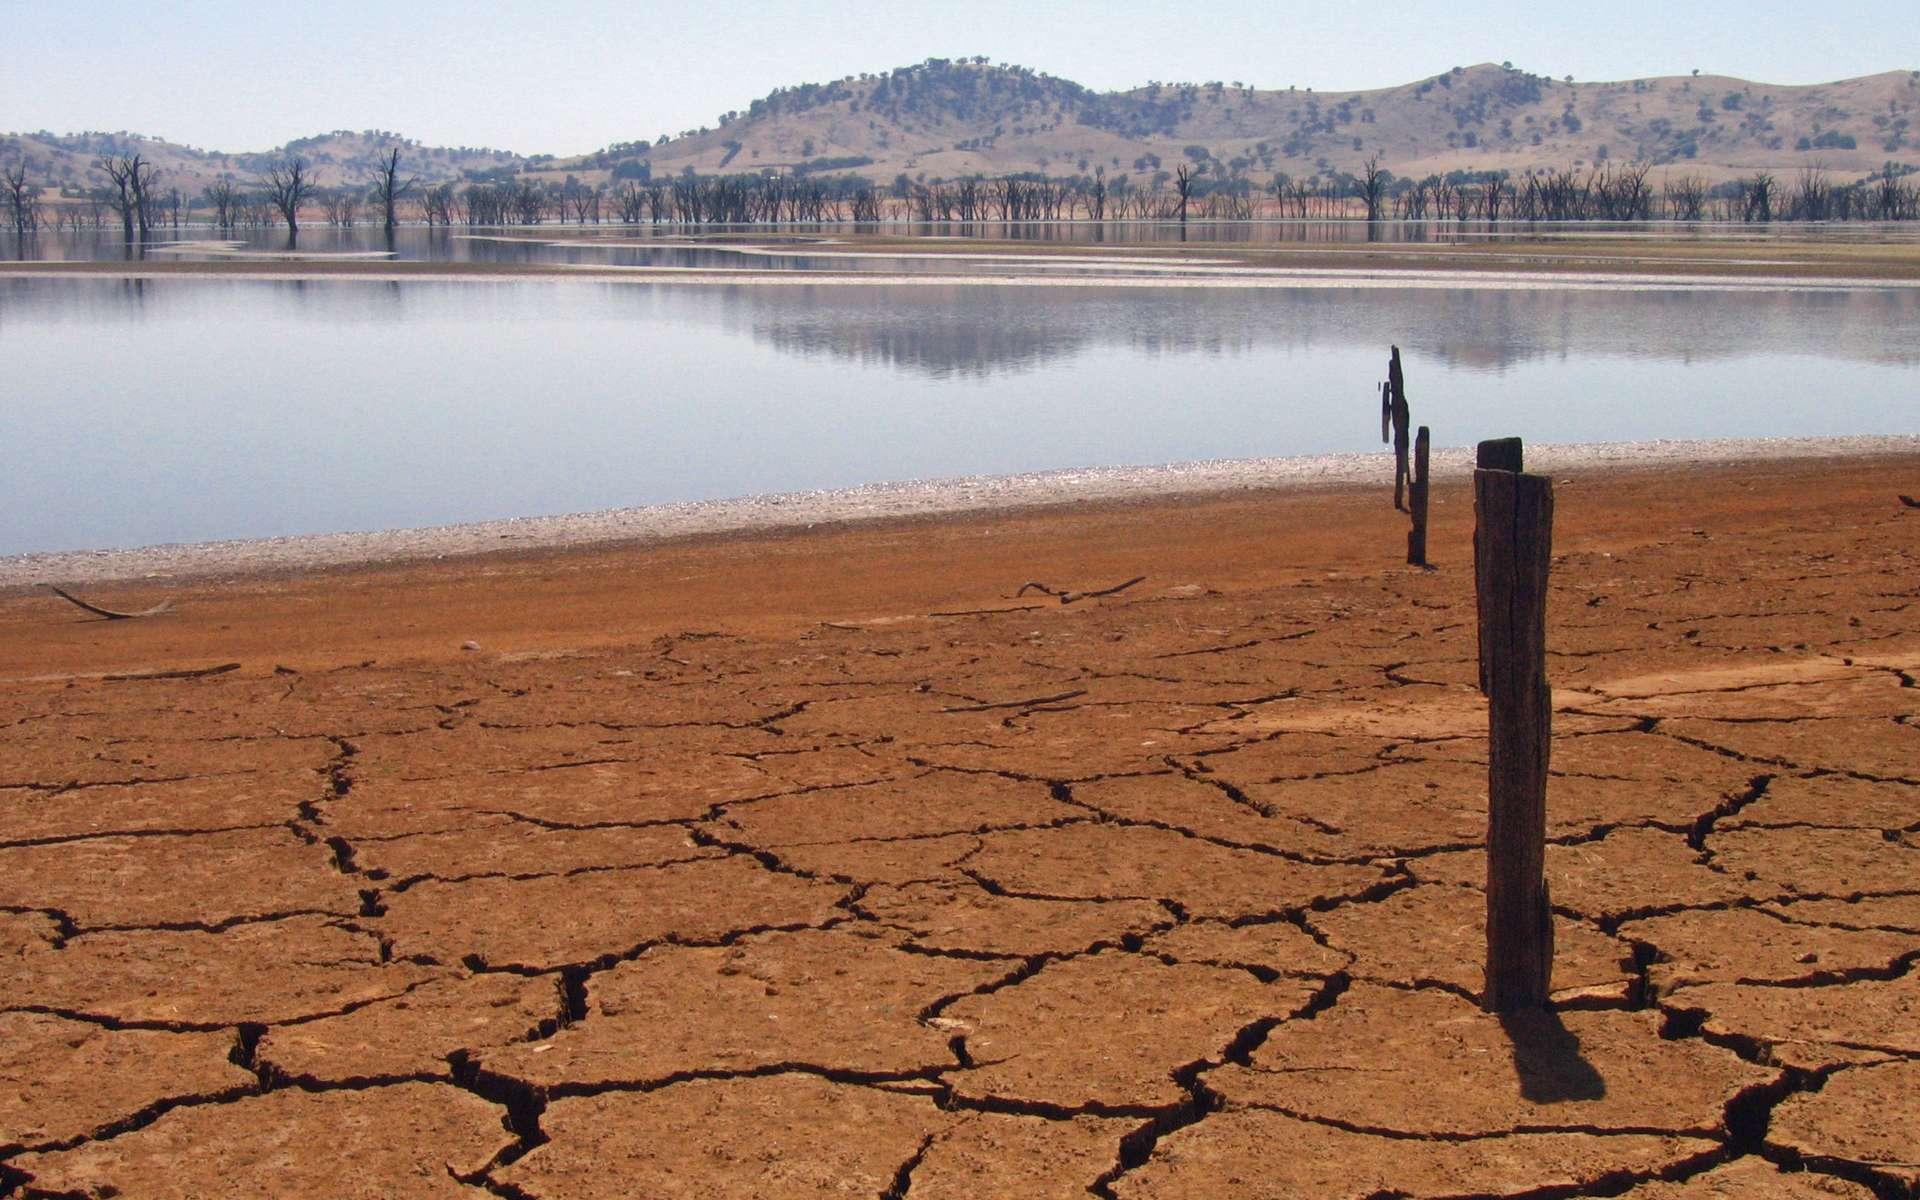 Le changement climatique pourrait réduire la surface des terres exploitables par l'agriculture. © Tim J Keegan, Flickr, CC by sa 2.0